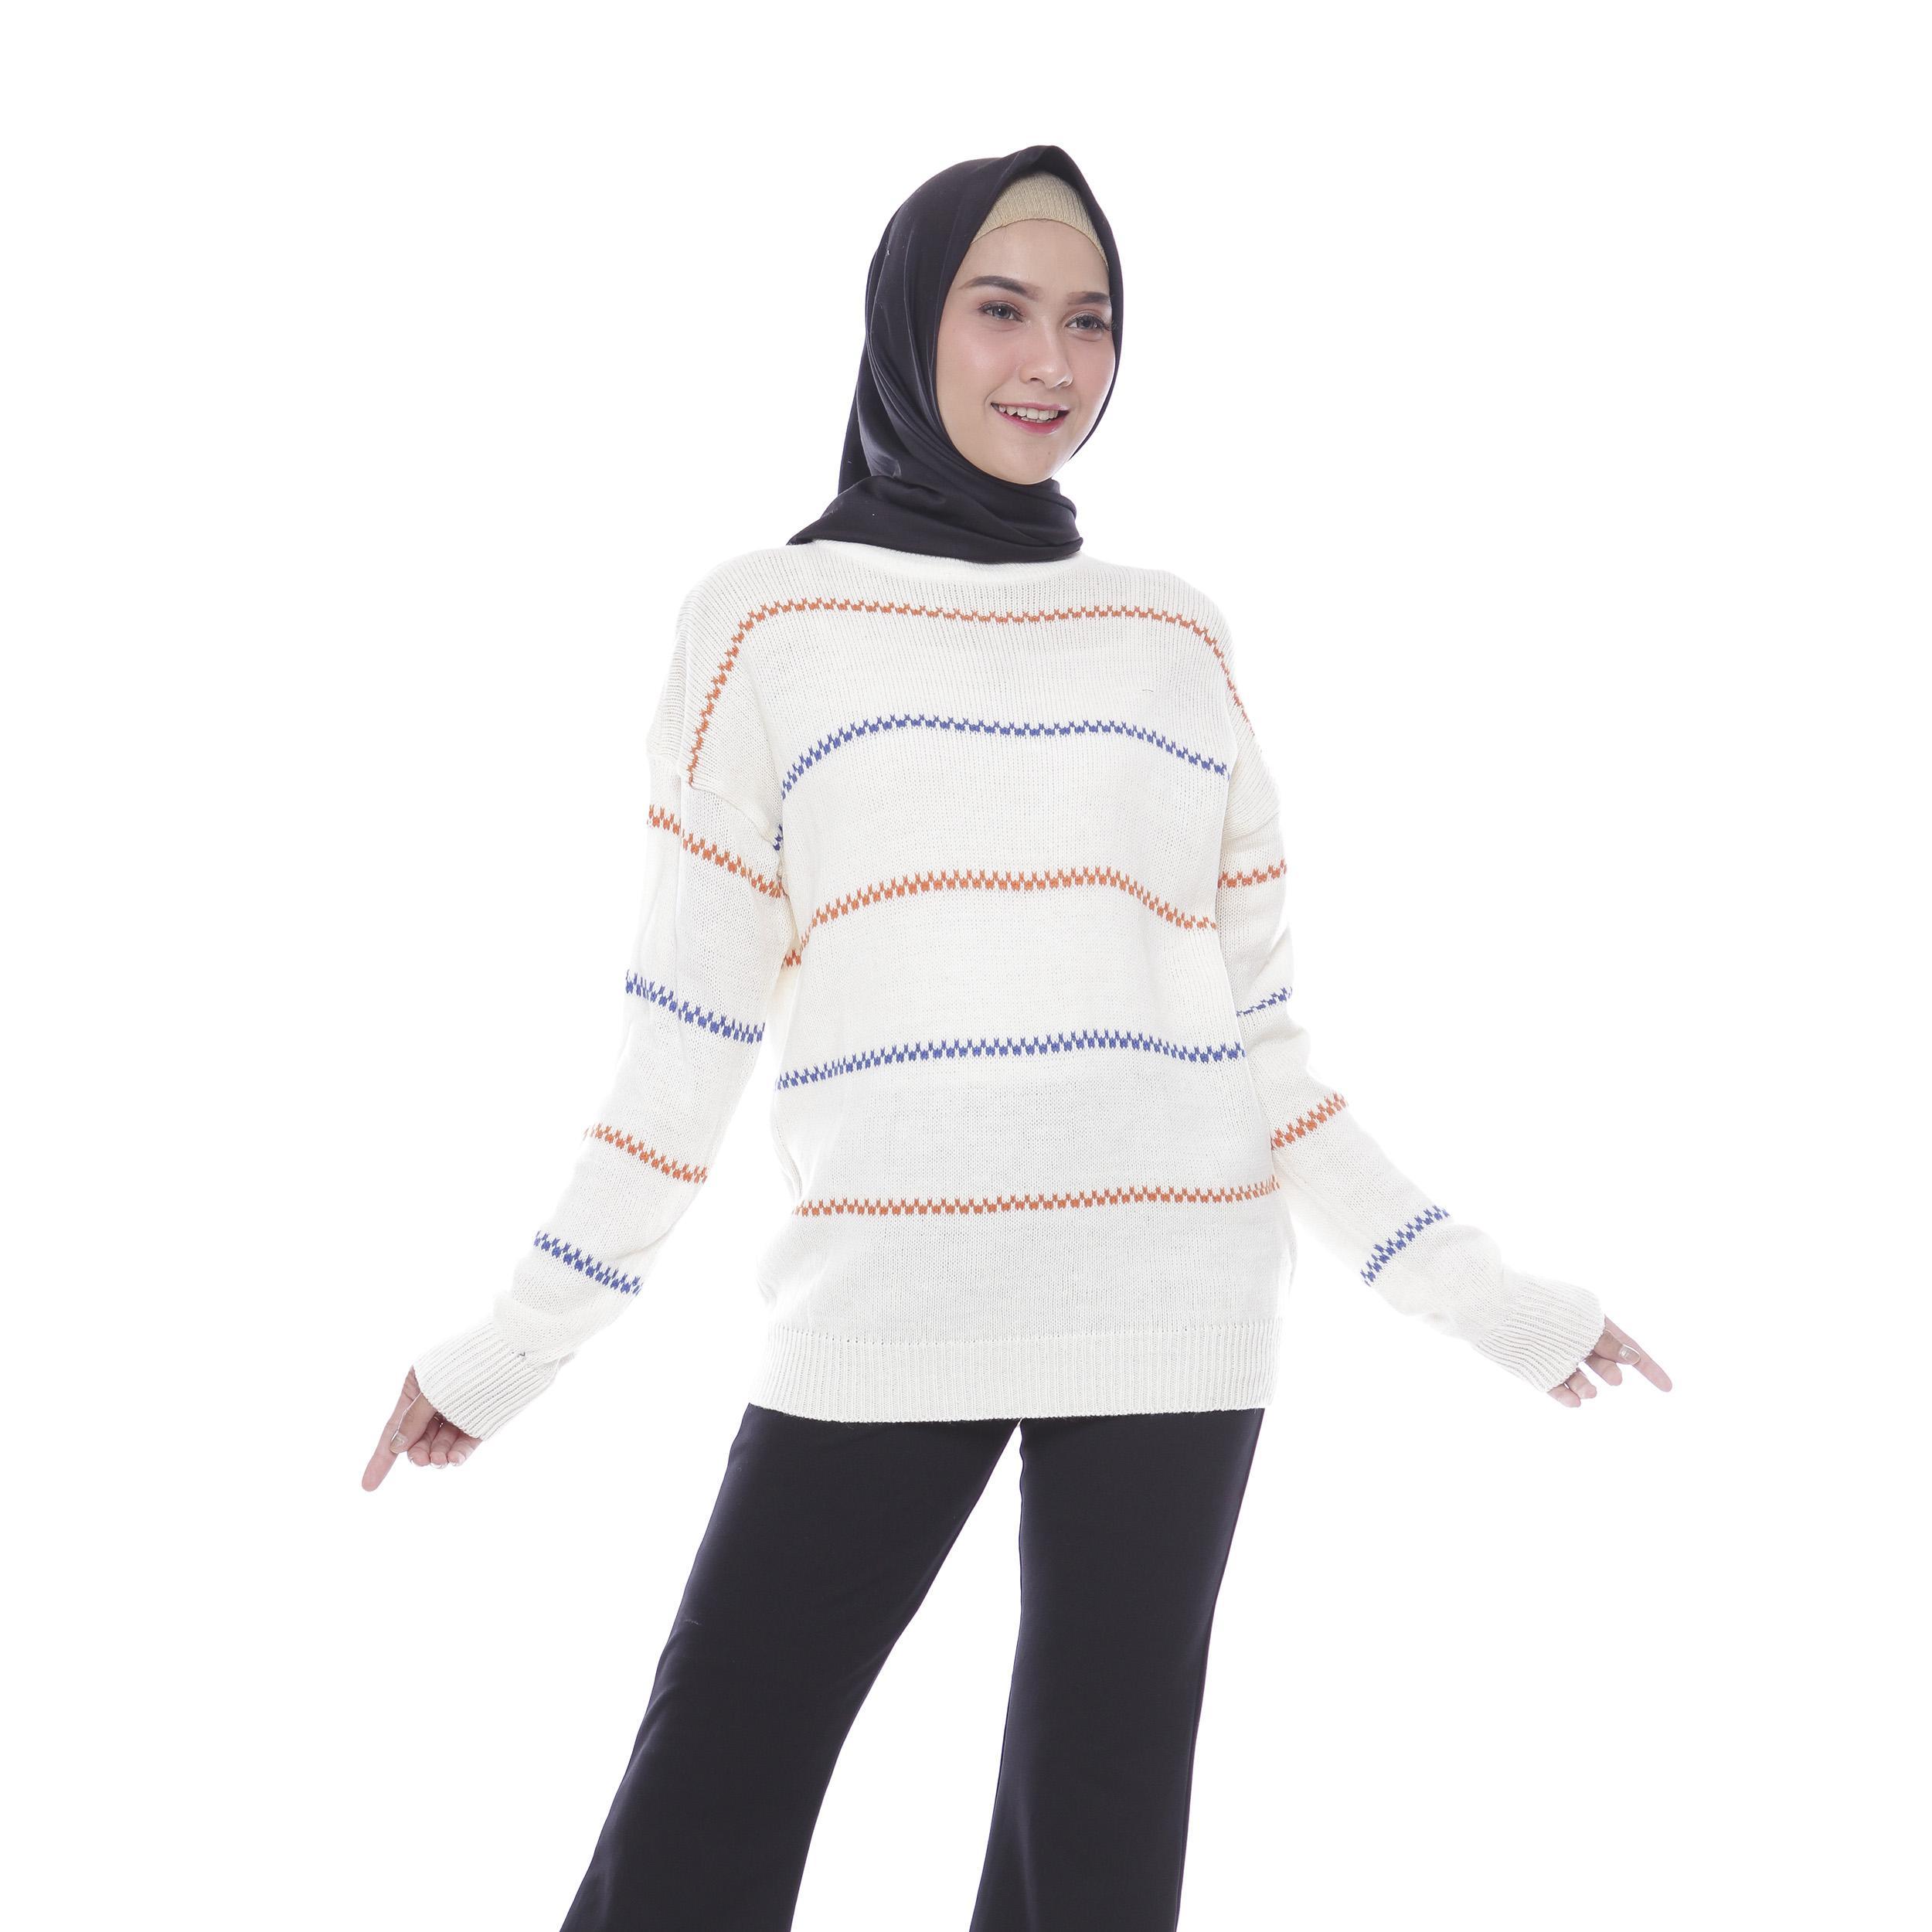 Baju Muslim Sweater Rajut Wanita Terbaru Infinity Stripe Real Pict By Awproject.